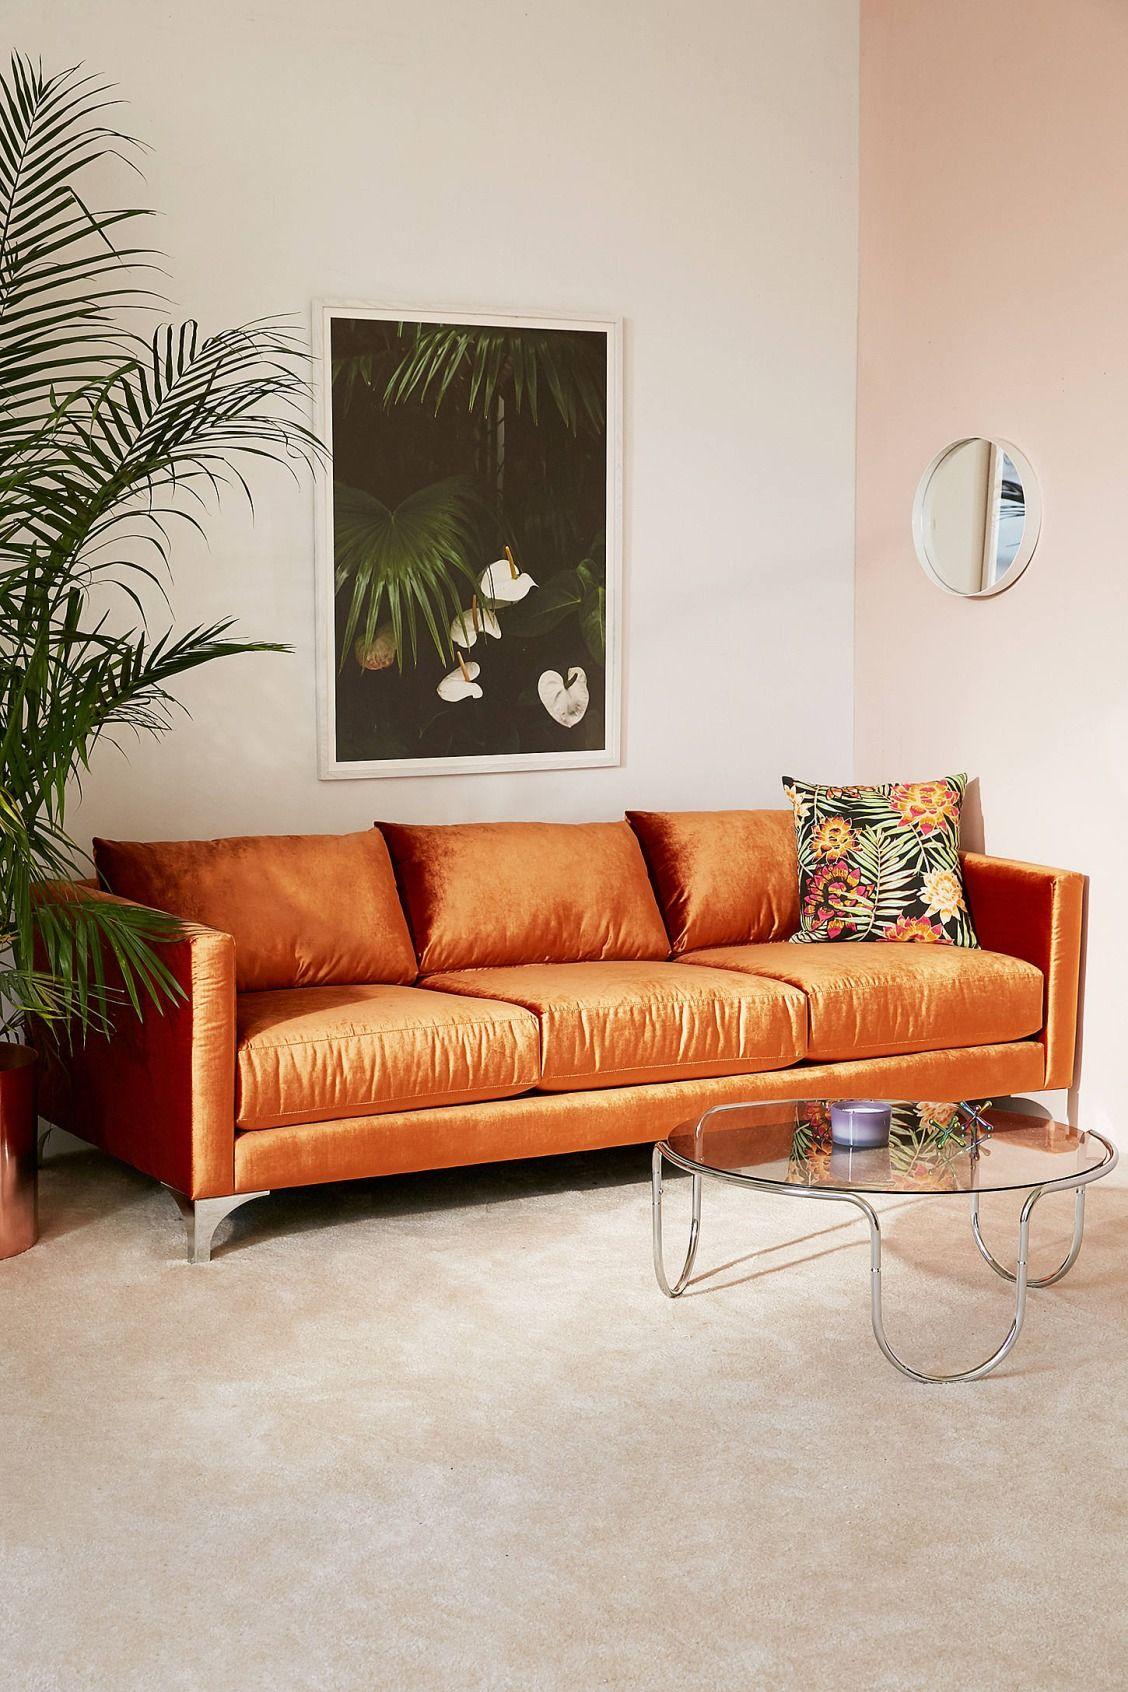 Chamberlin Velvet Sofa Urban Outfitters Home Decor Orange